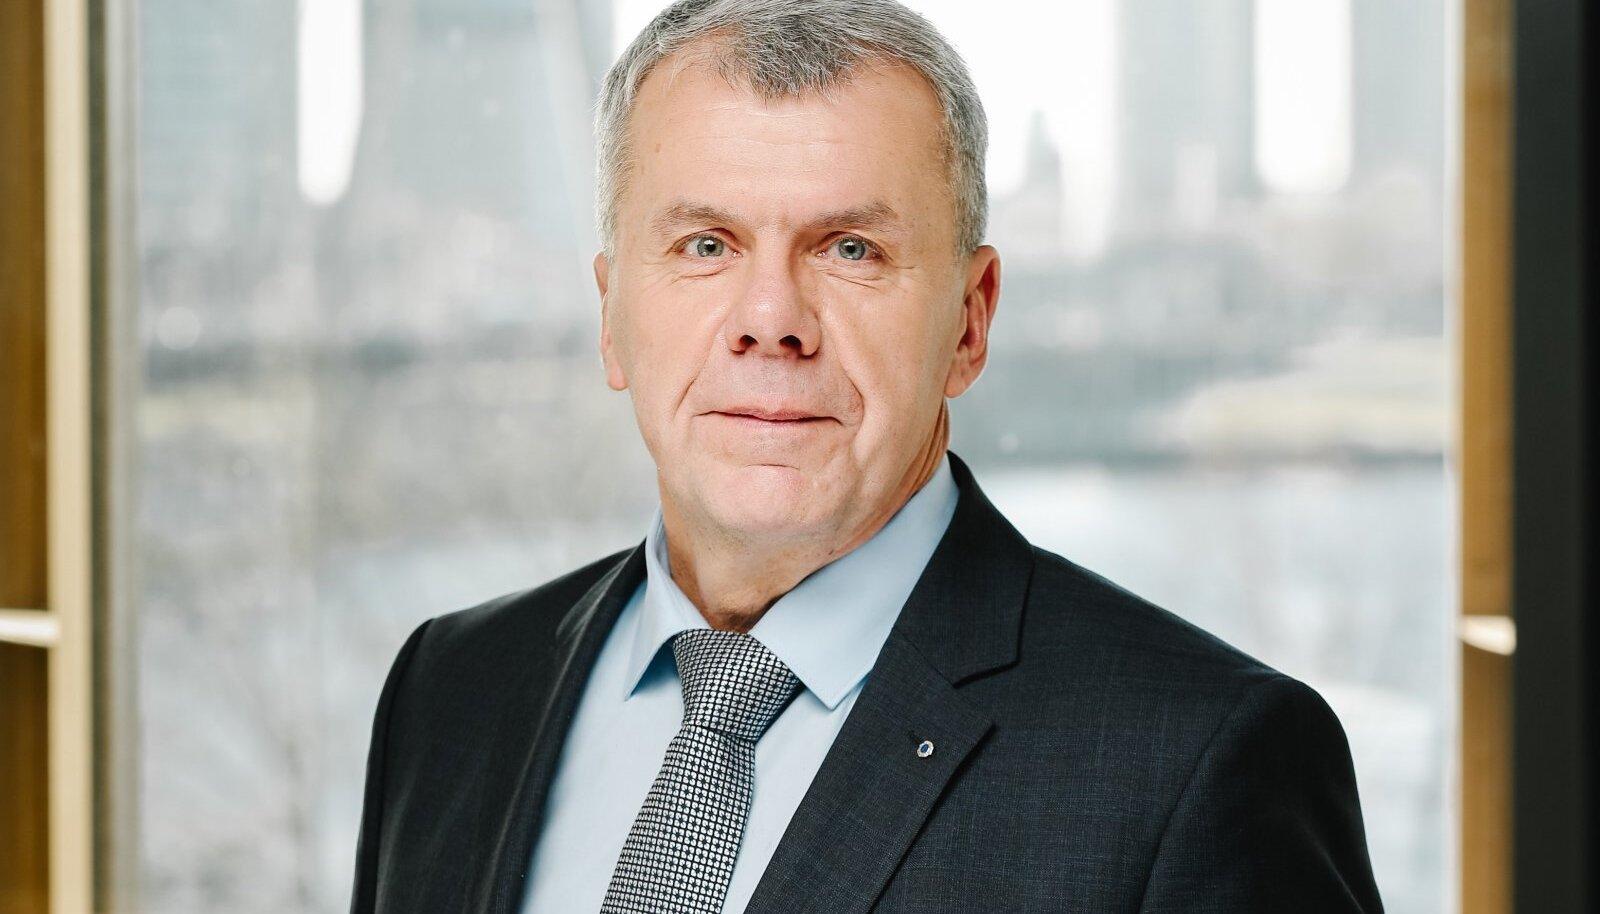 Prudentia partner Illar Kaasik soovitab Eesti ettevõtjatel olla julgemad raha kaasamisel börsilt. See avardab ettevõtjate võimalusi laienemiseks lähiturgudele.